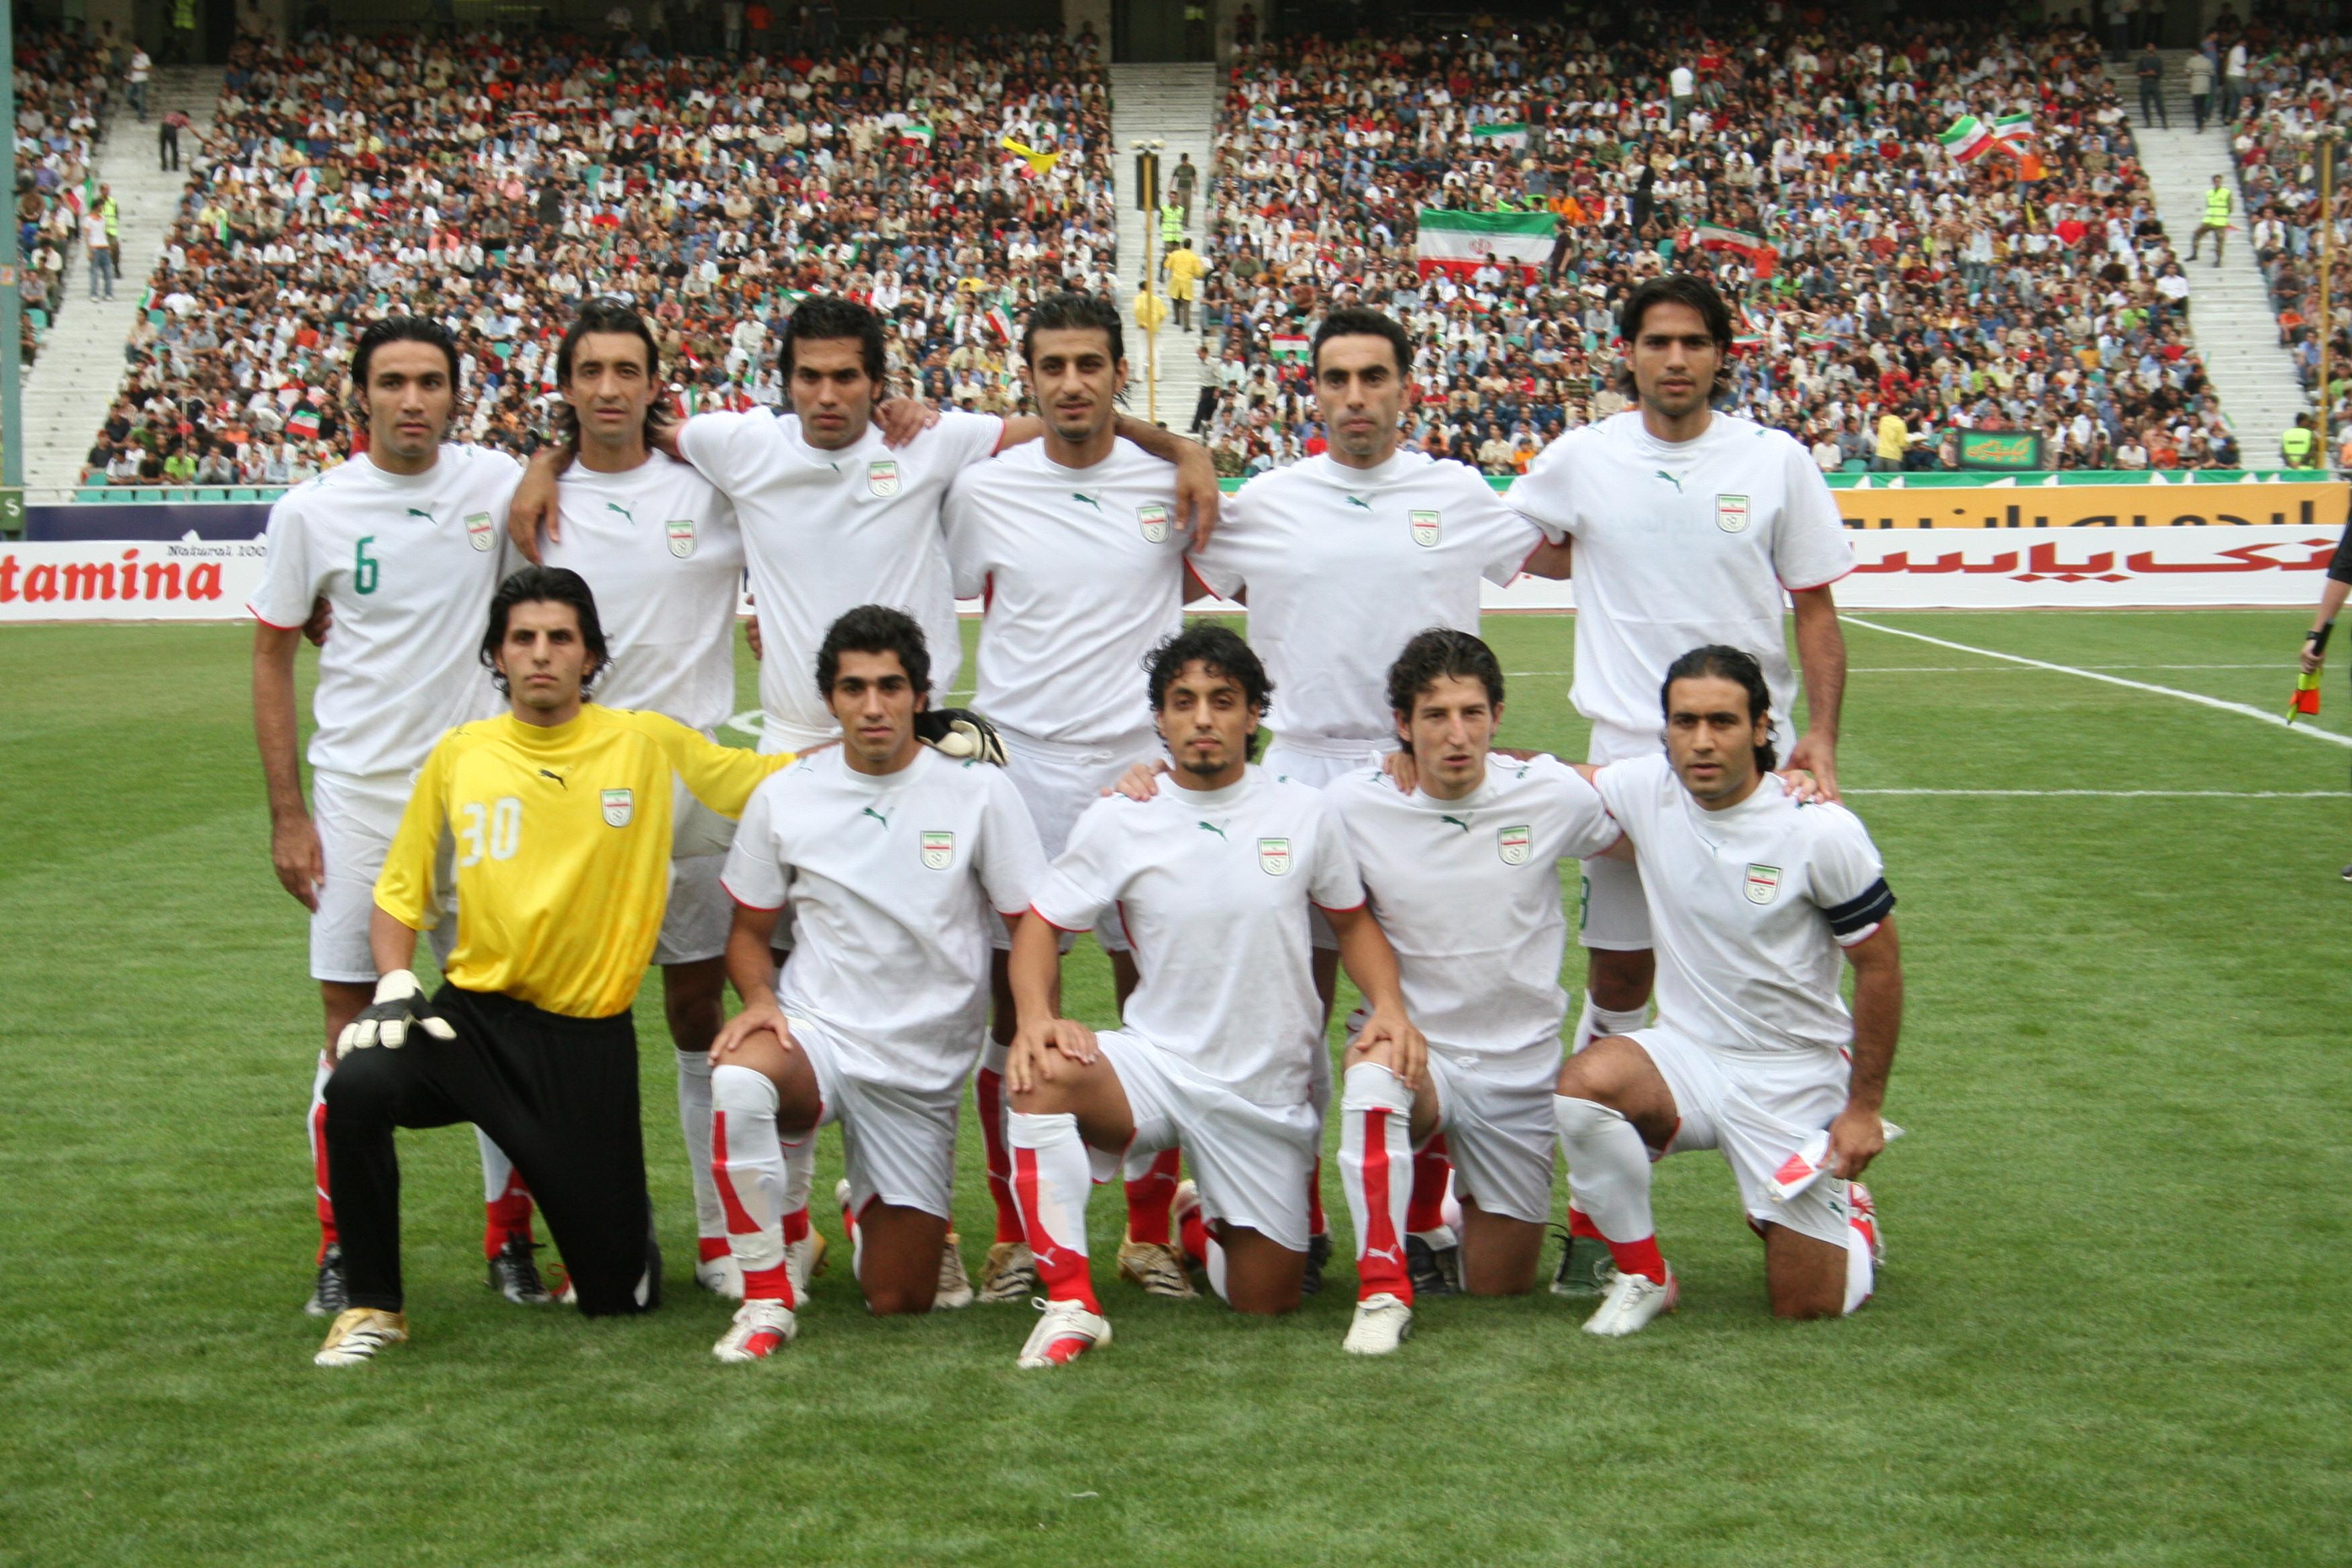 Участники ЧМ-2014. Иран - изображение 3